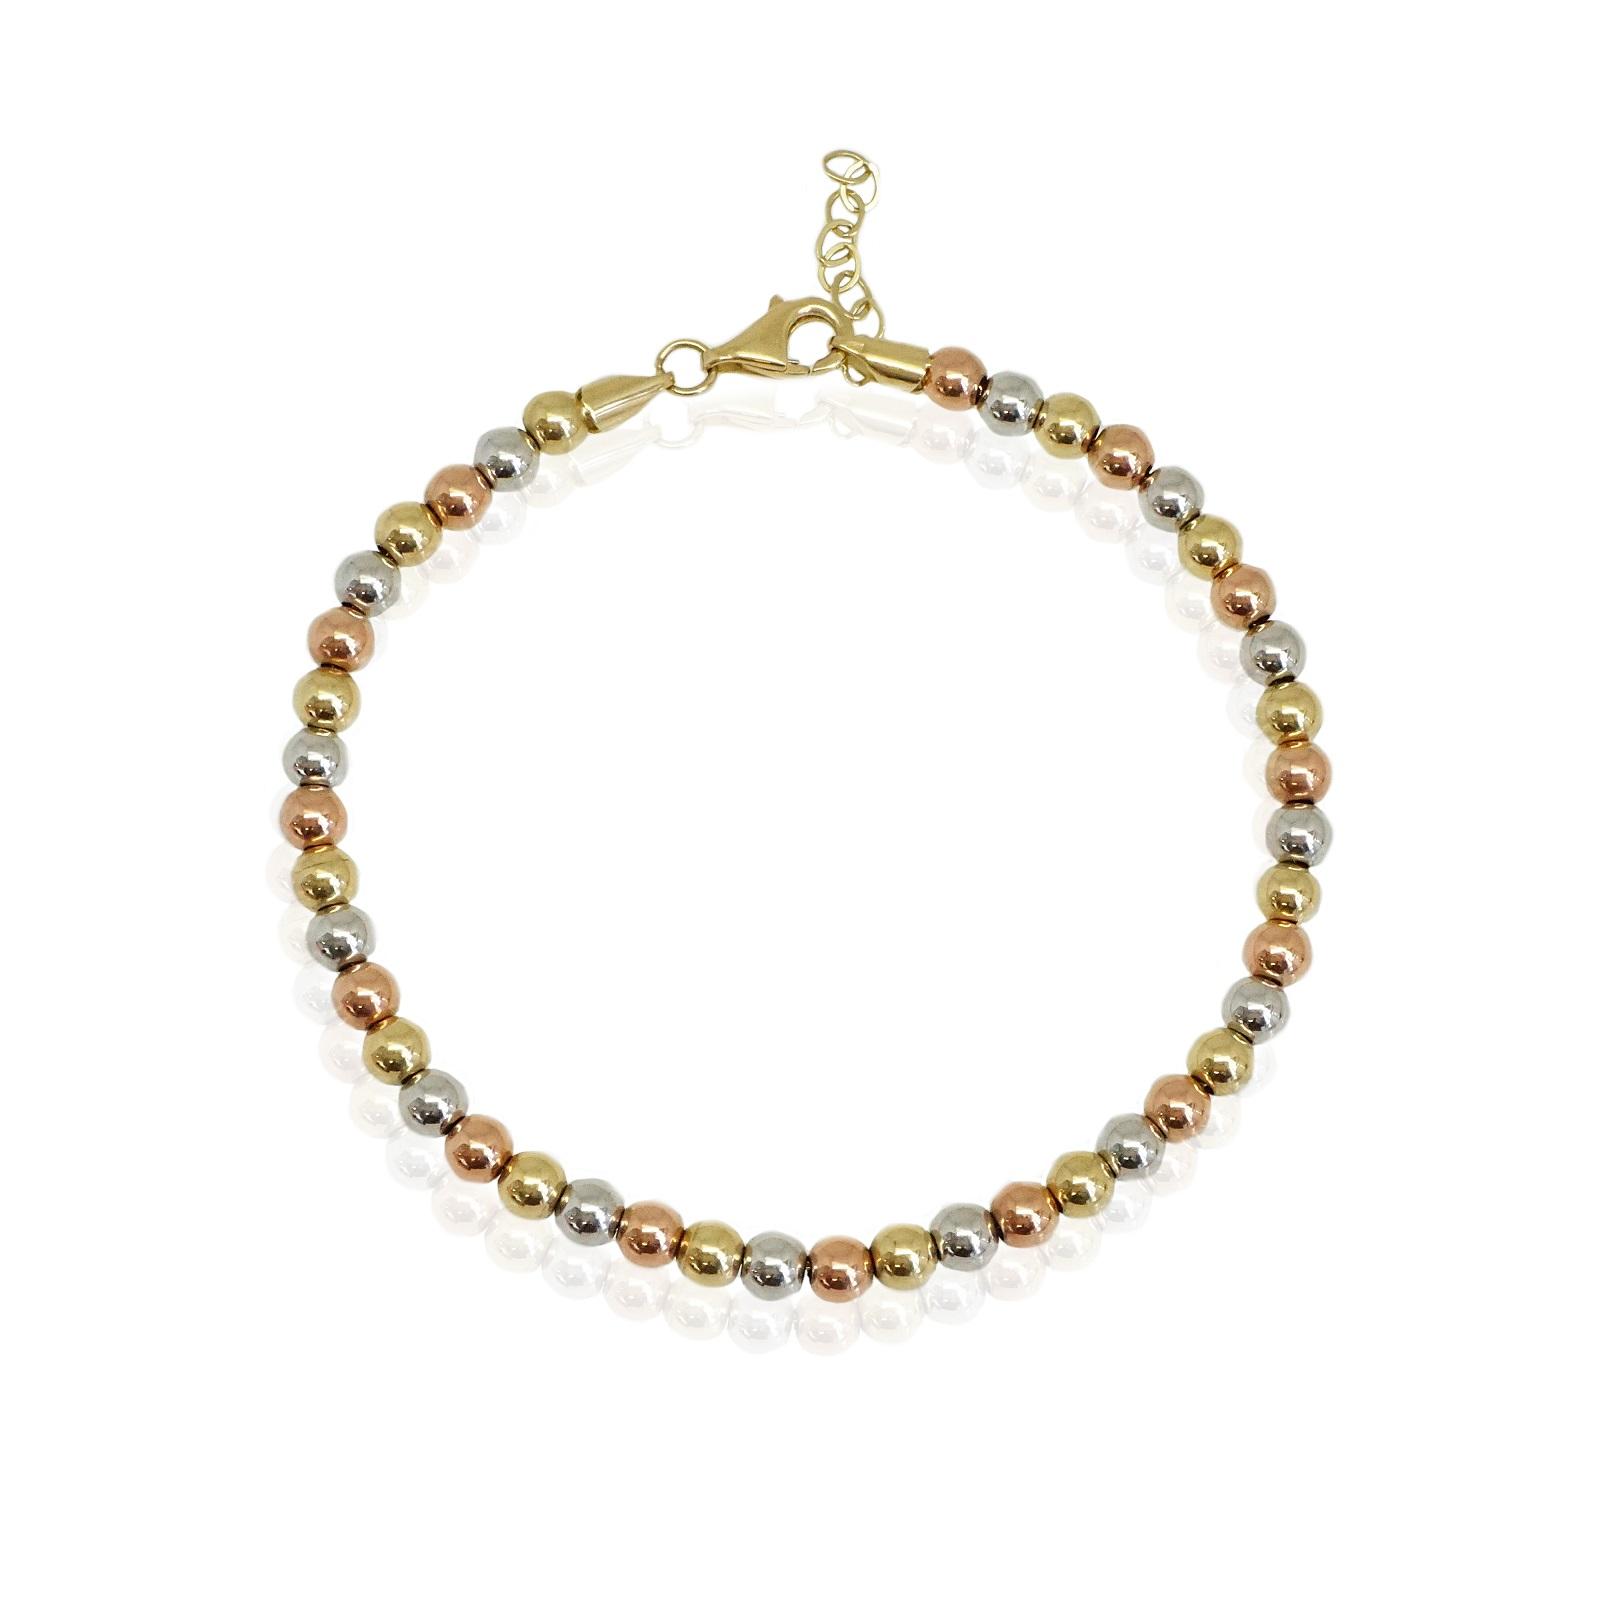 צמיד כדורים מזהב 14 קראט   צמיד זהב בשלושה צבעים